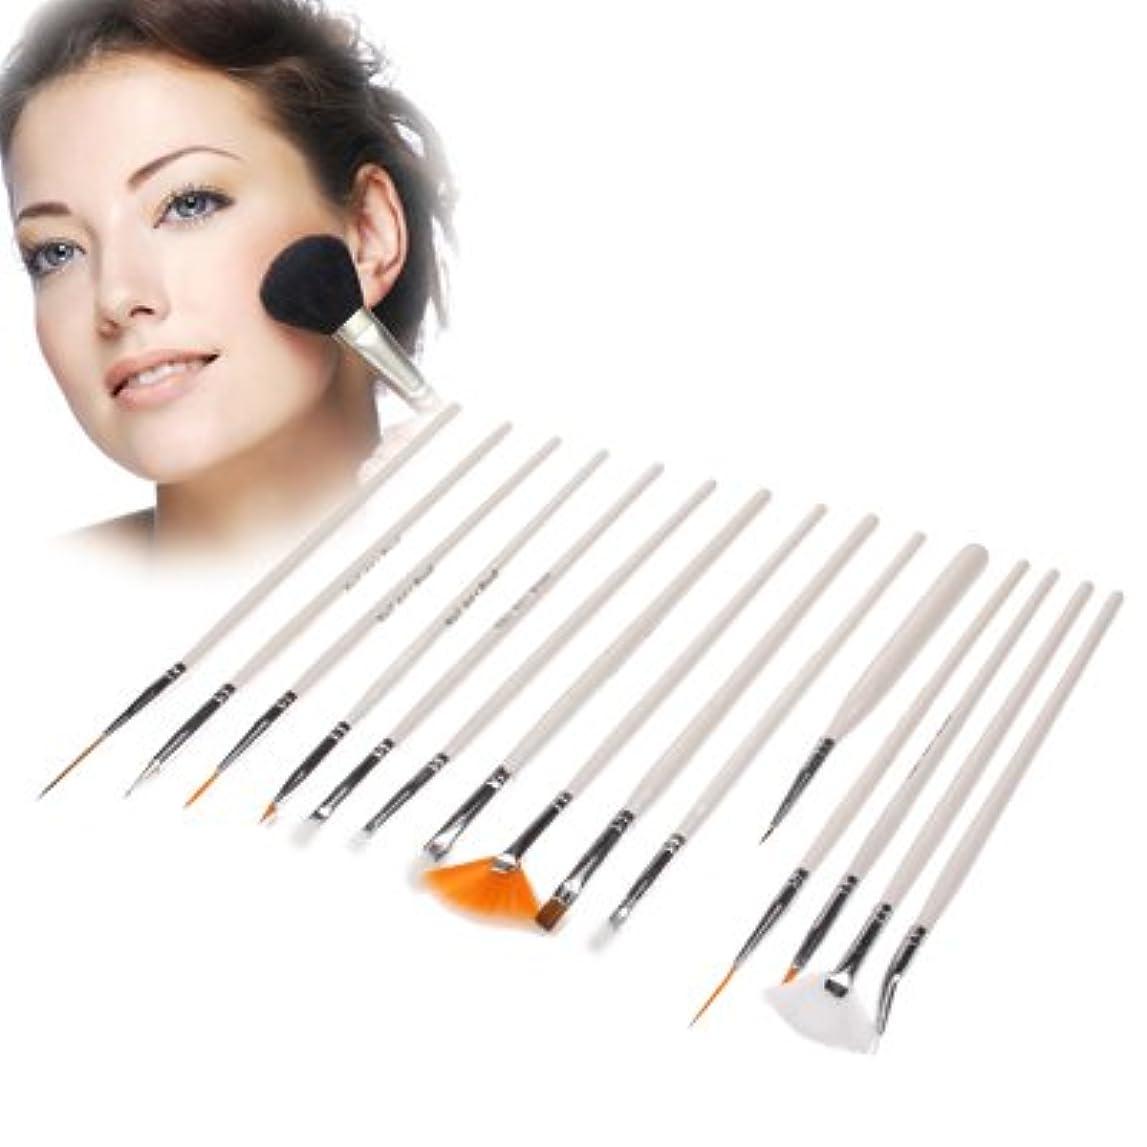 さておきエアコンヘアMEI1JIA QUELLIA 15pcs美容のプロフェッショナルメイクアップブラシトラベル化粧ブラシセット(ホワイト)